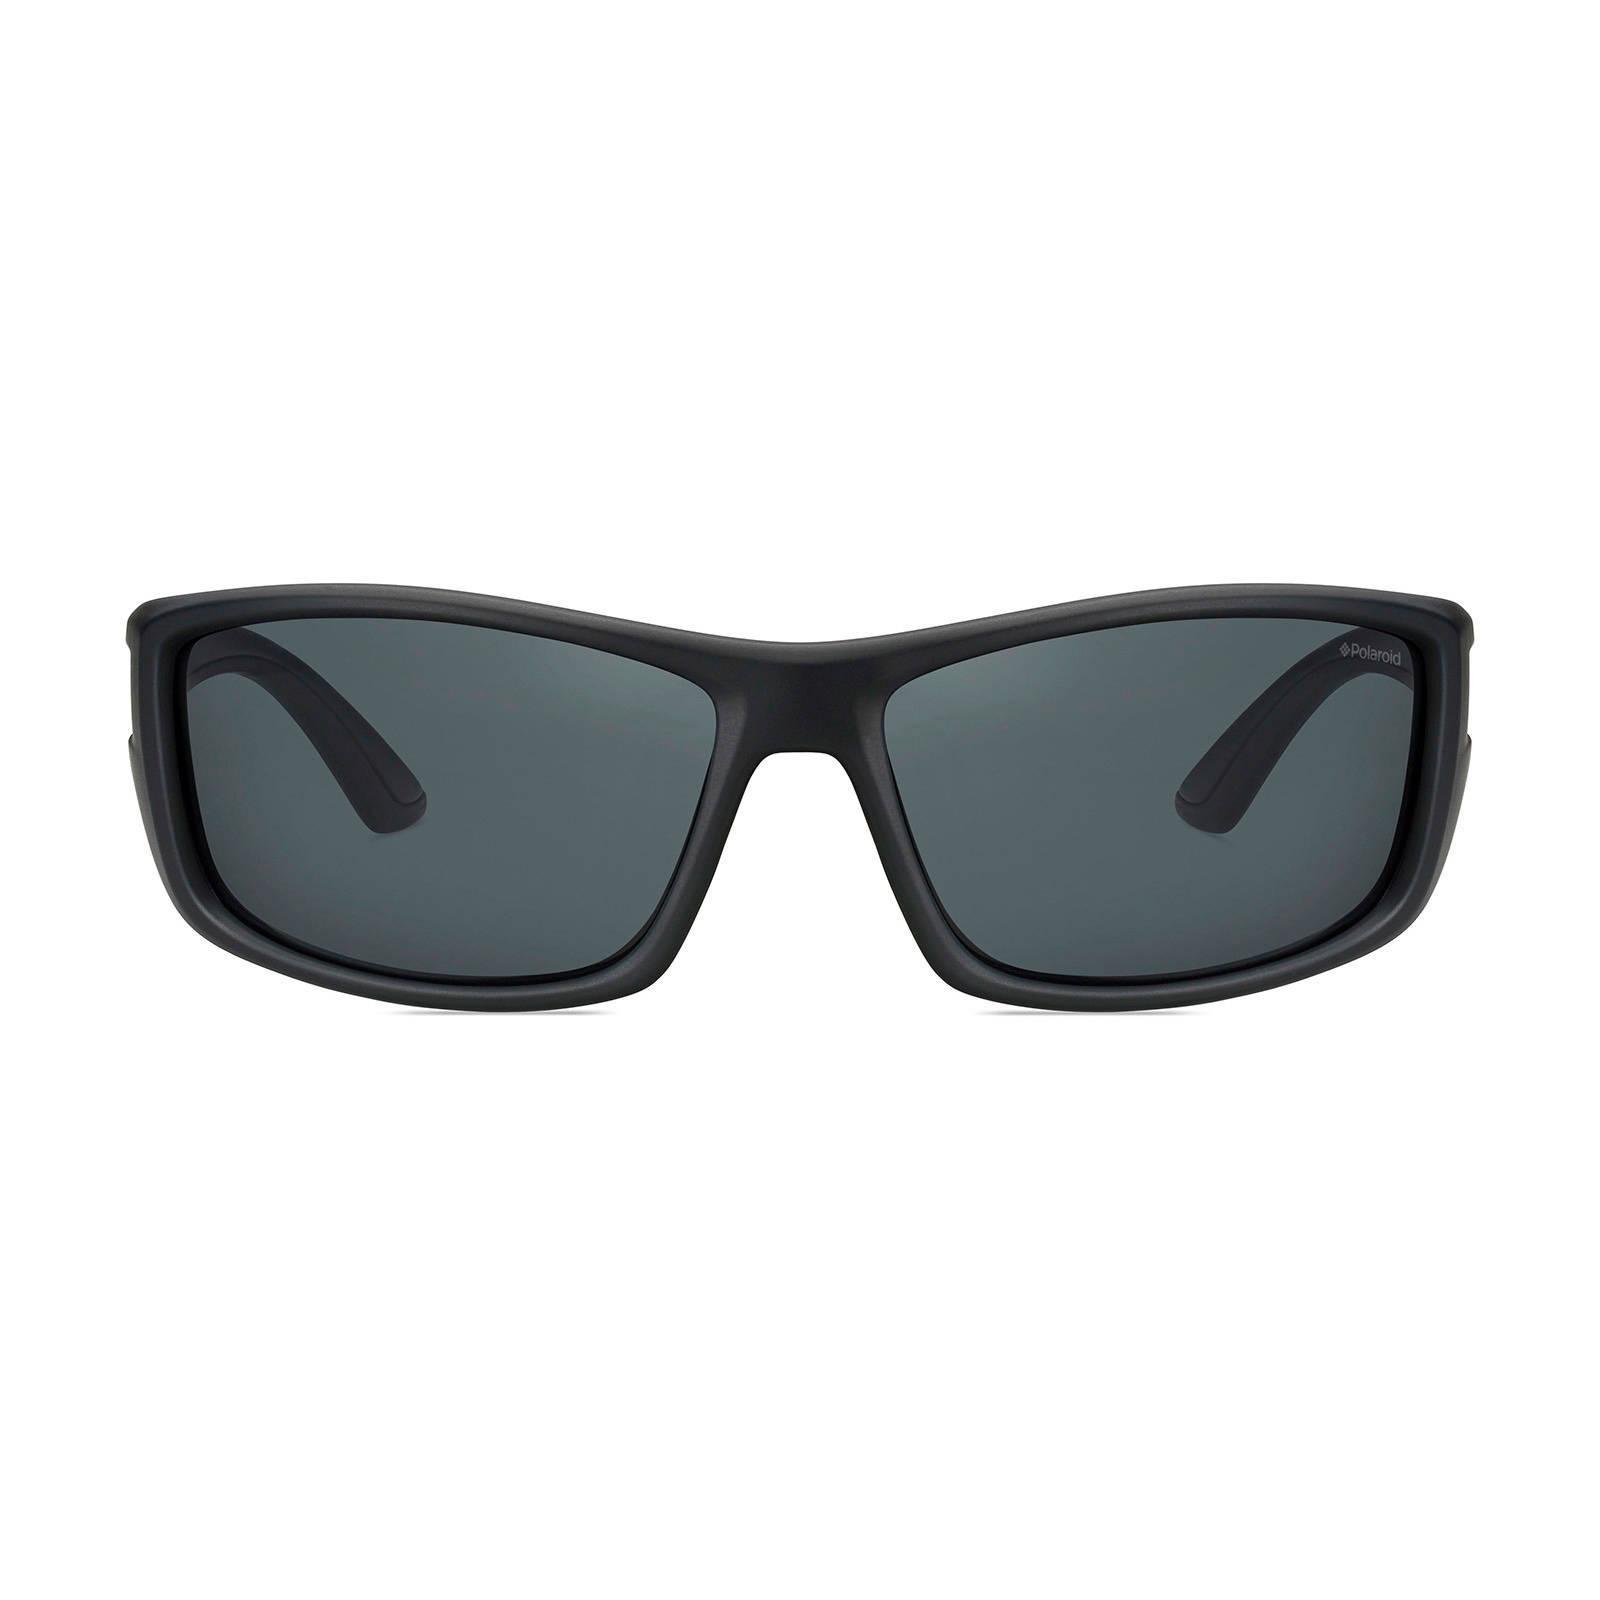 bb5ad070d4de8c Heren zonnebrillen bij wehkamp - Gratis bezorging vanaf 20.-